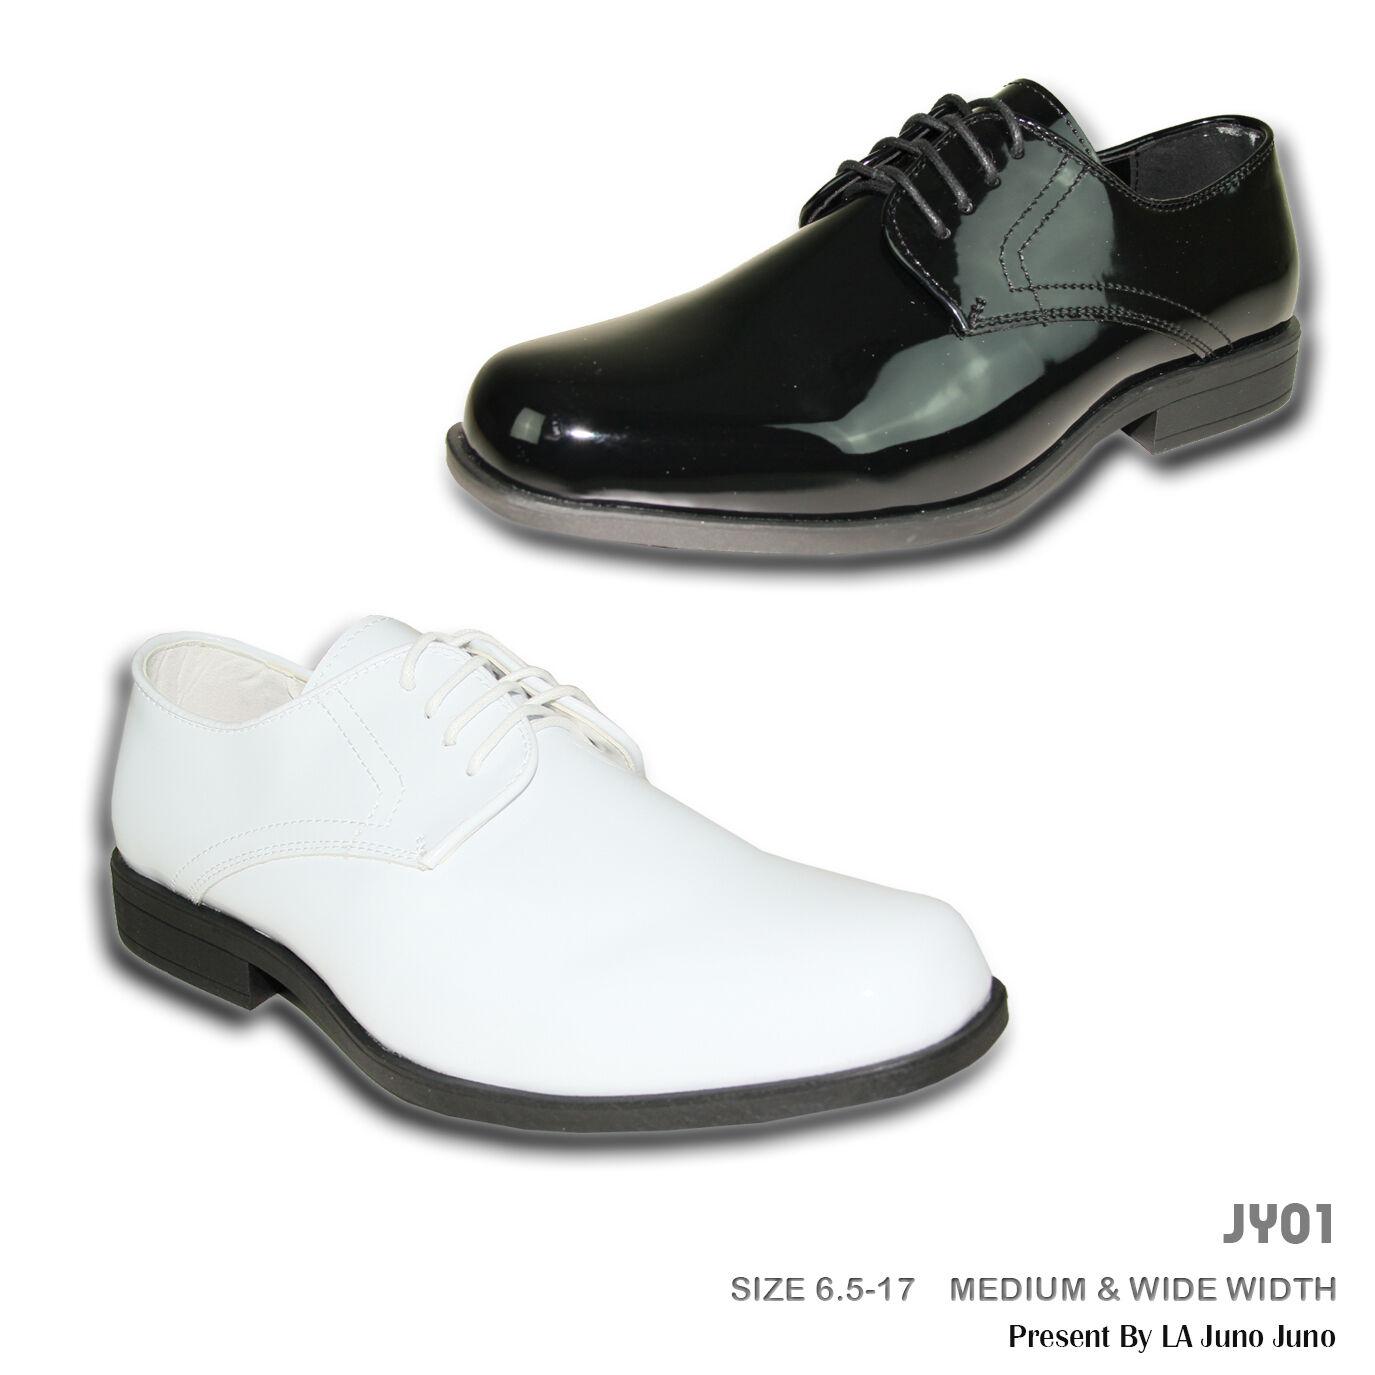 grandi risparmi JEAN YVES Uomo Dress scarpe JY01 JY01 JY01 Classic Tuxedo for Wedding, Prom and Formal Event  prezzo più economico